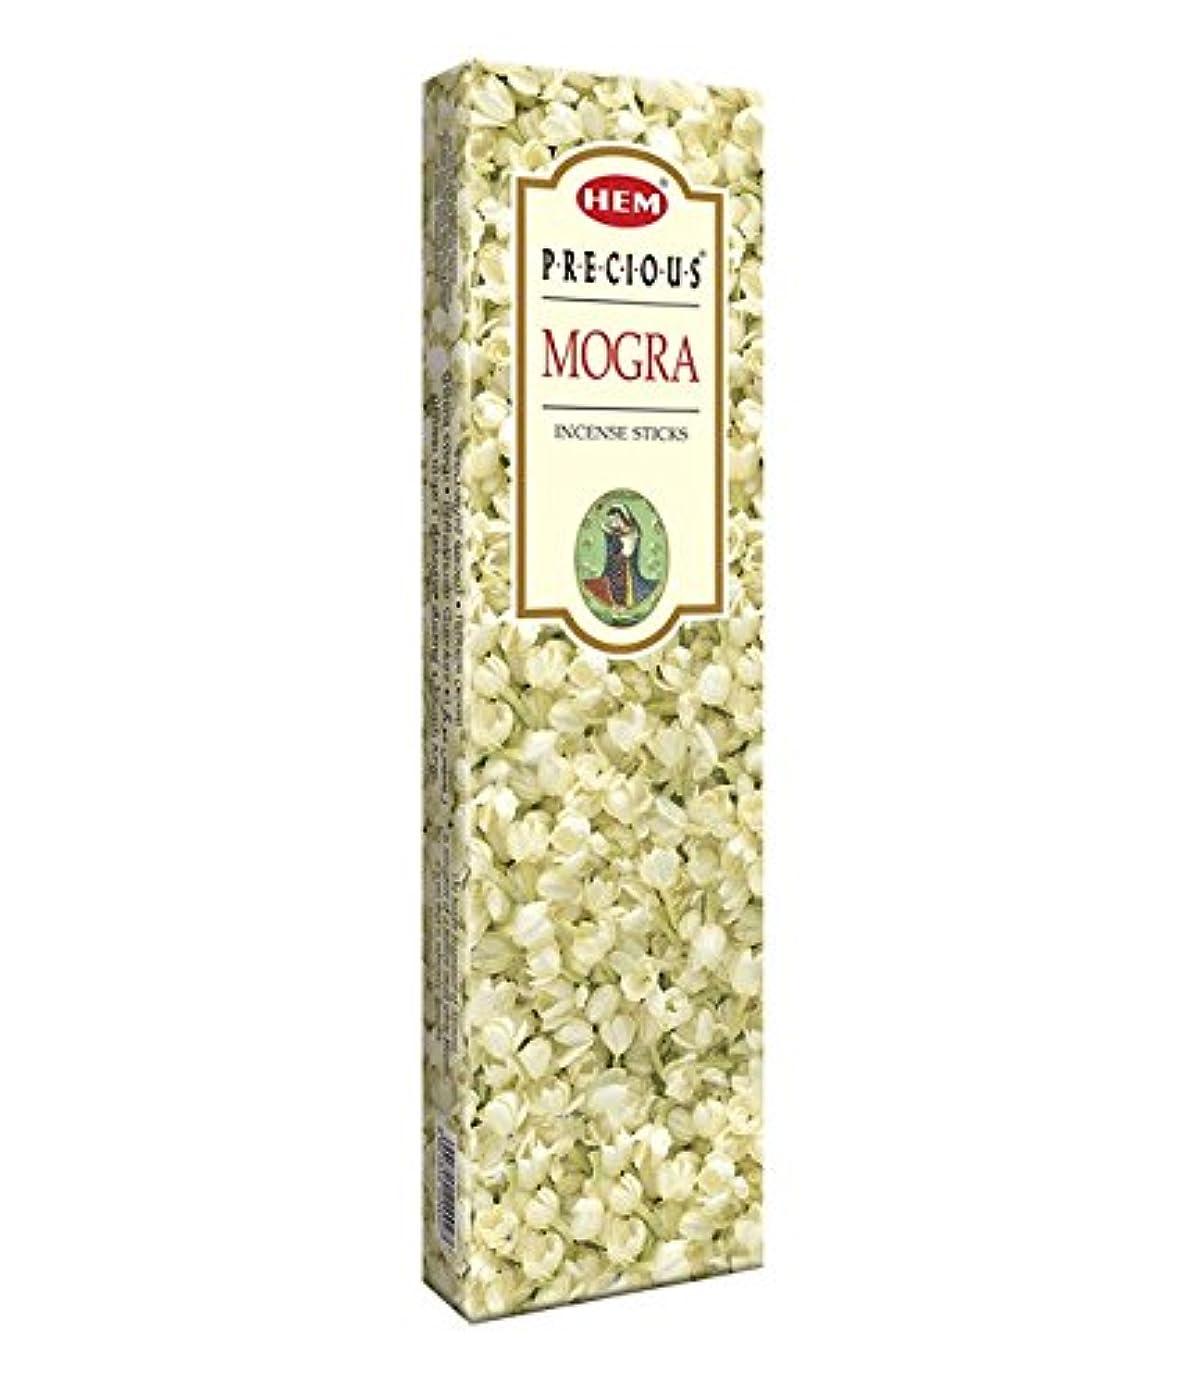 触手原油始めるAgarbathi Fragrance Hem Precious Mogra 100 g INCENSE STICKS